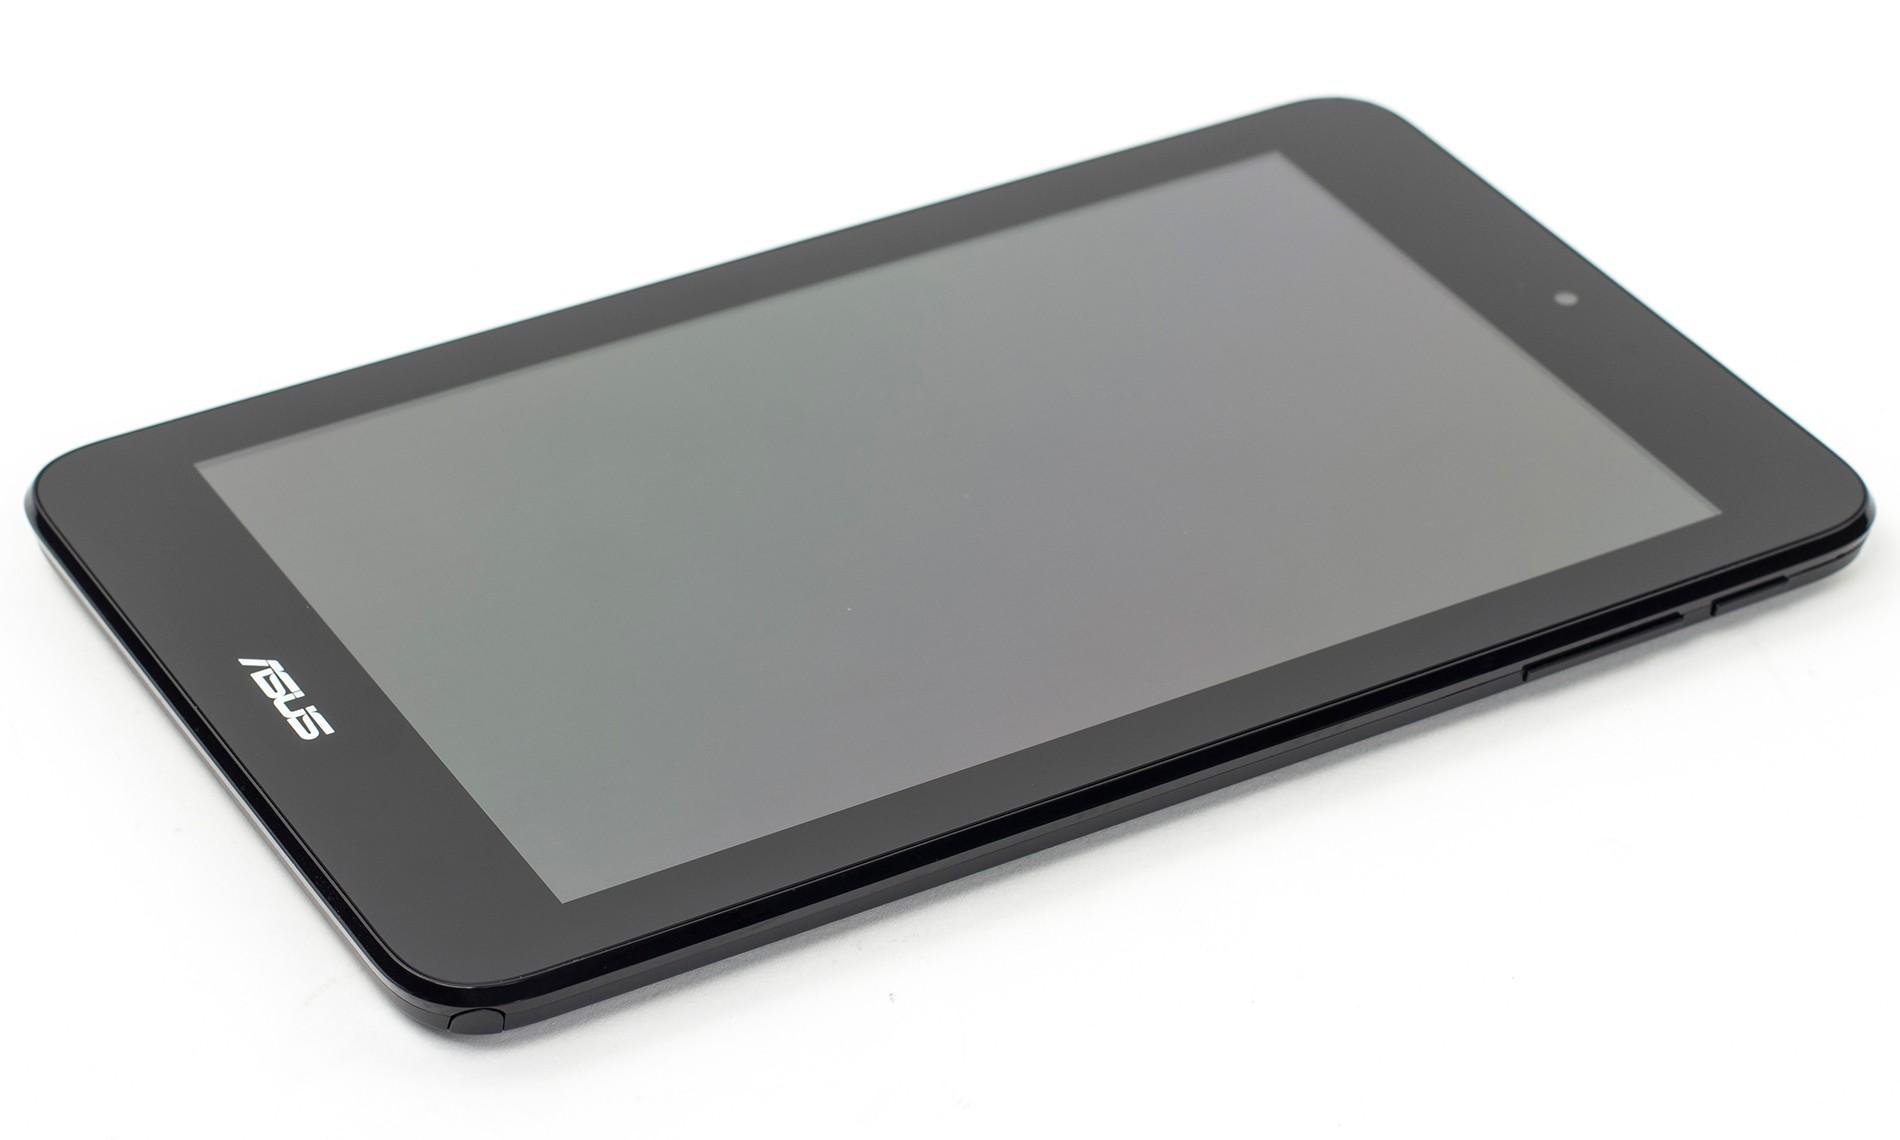 Asus выпустит новый планшет с4 ГБОЗУ и андроид  7.0